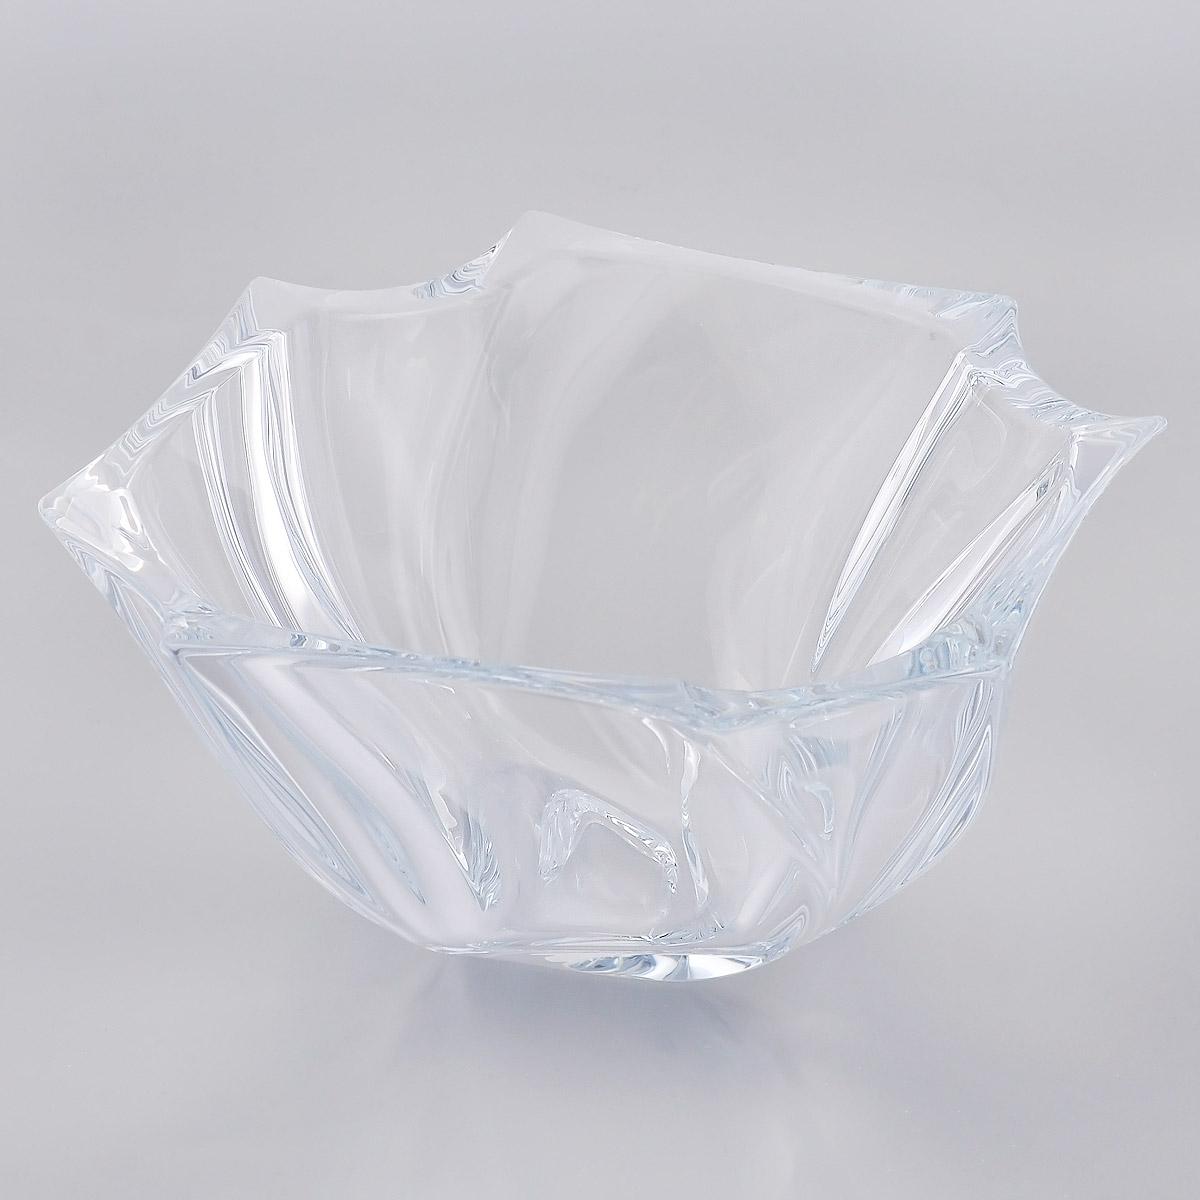 Ваза для фруктов Crystalite Bohemia Нептун, 25,5 см х 26 см х 12,5 см6KD68/0/99S39/255Ваза для фруктов Crystalite Bohemia Нептун изготовлена из прочного утолщенного стекла кристалайт. Ваза имеет оригинальную рельефную форму, что делает ее изящным украшением праздничного стола. Она красиво переливается и излучает приятный блеск. Изделие прекрасно подходит для сервировки фруктов, конфет, пирожных и т.д.Ваза для фруктов Crystalite Bohemia Нептун - это изысканное украшение праздничного стола, интерьера кухни или комнаты. Такая ваза станет желанным и стильным подарком. Можно использовать в посудомоечной машине и микроволновой печи.